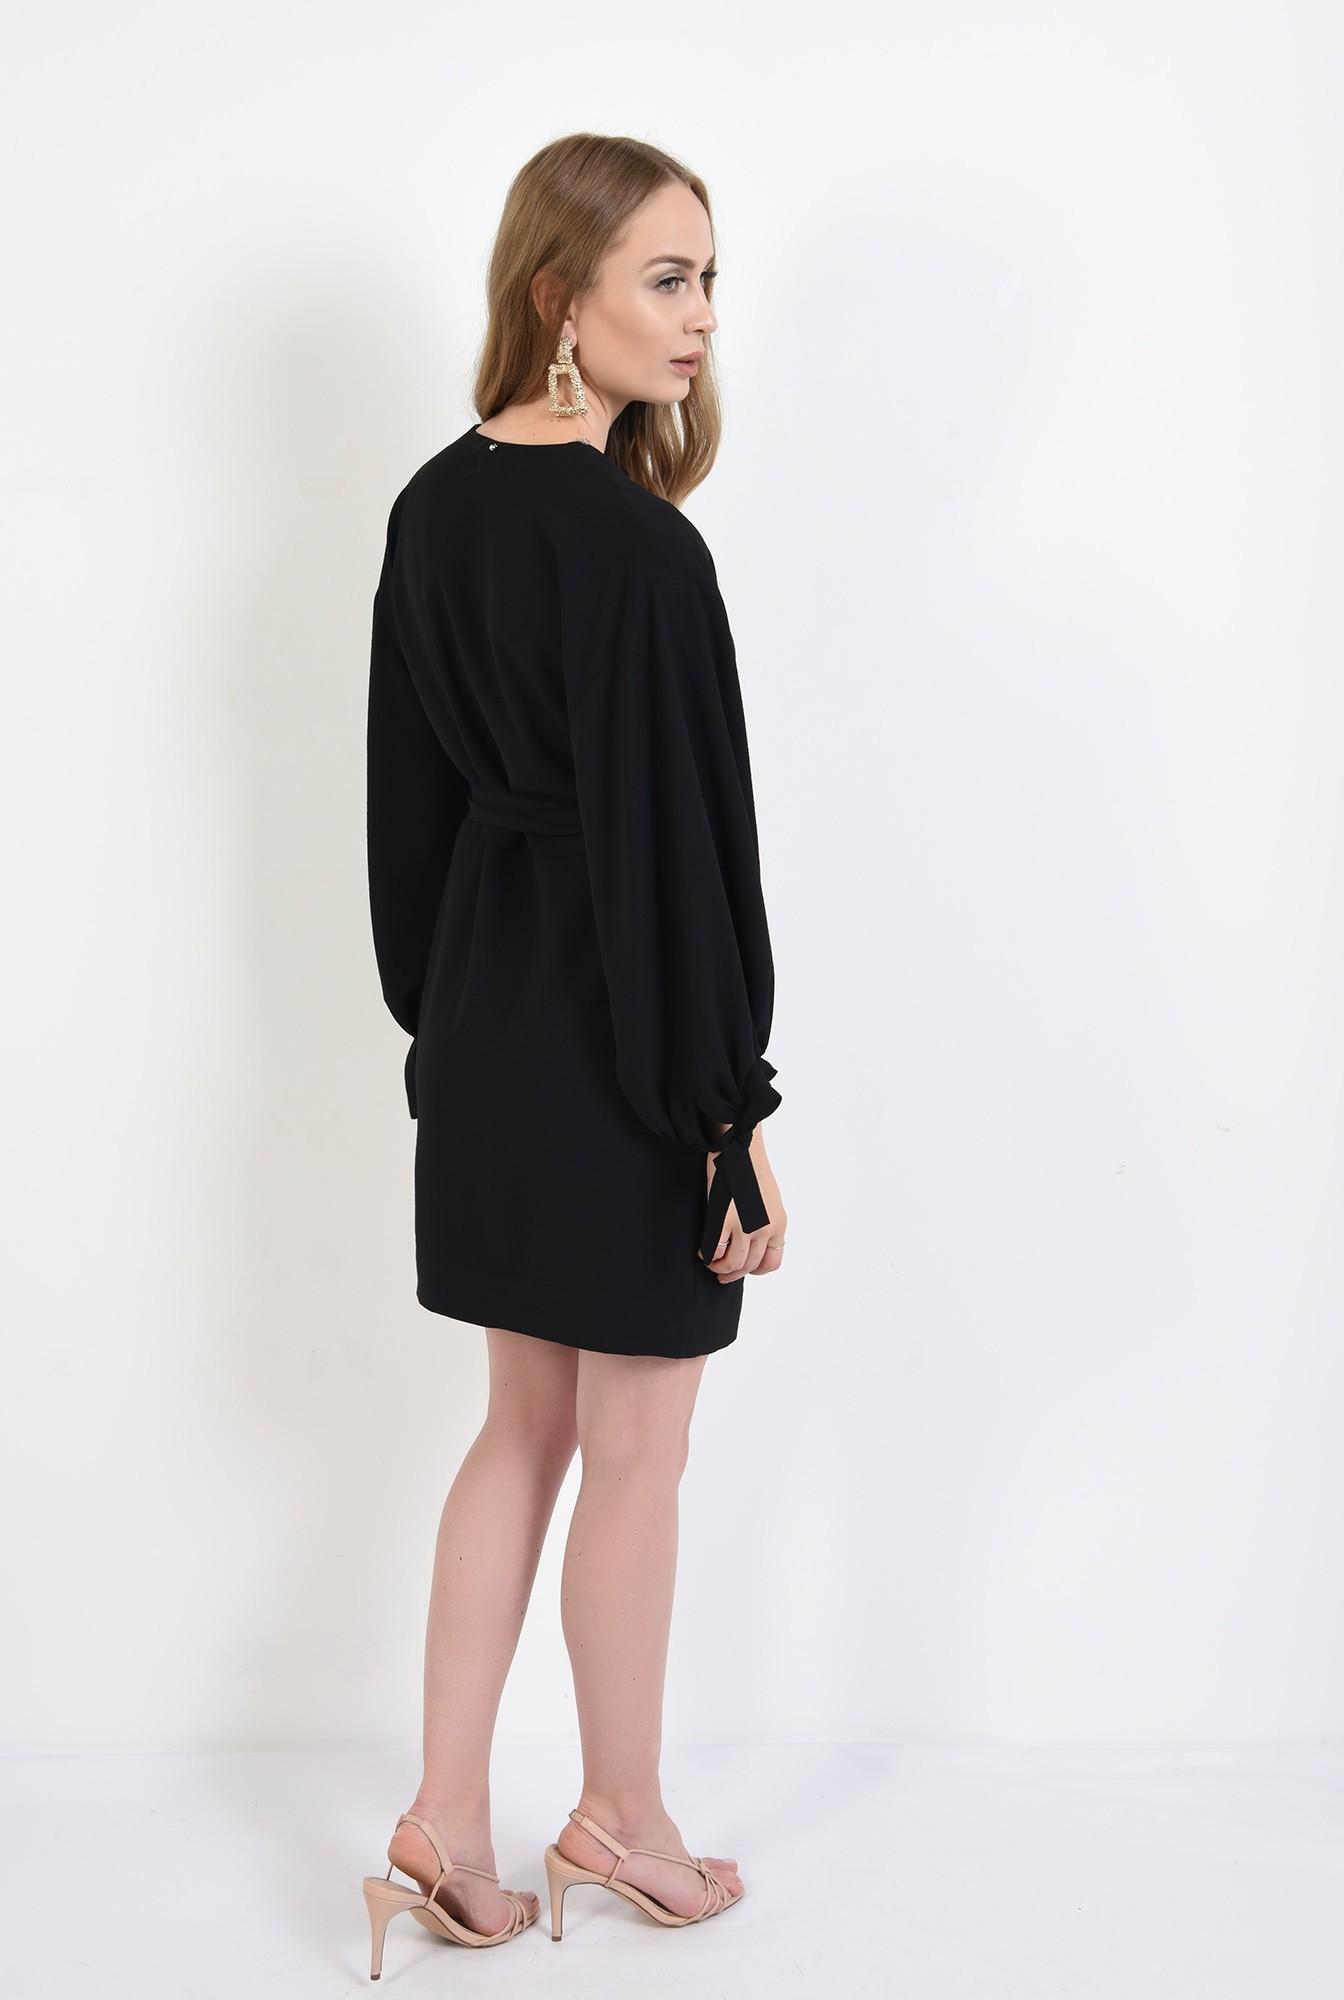 1 - 360 - rochie mini,neagra, Poema